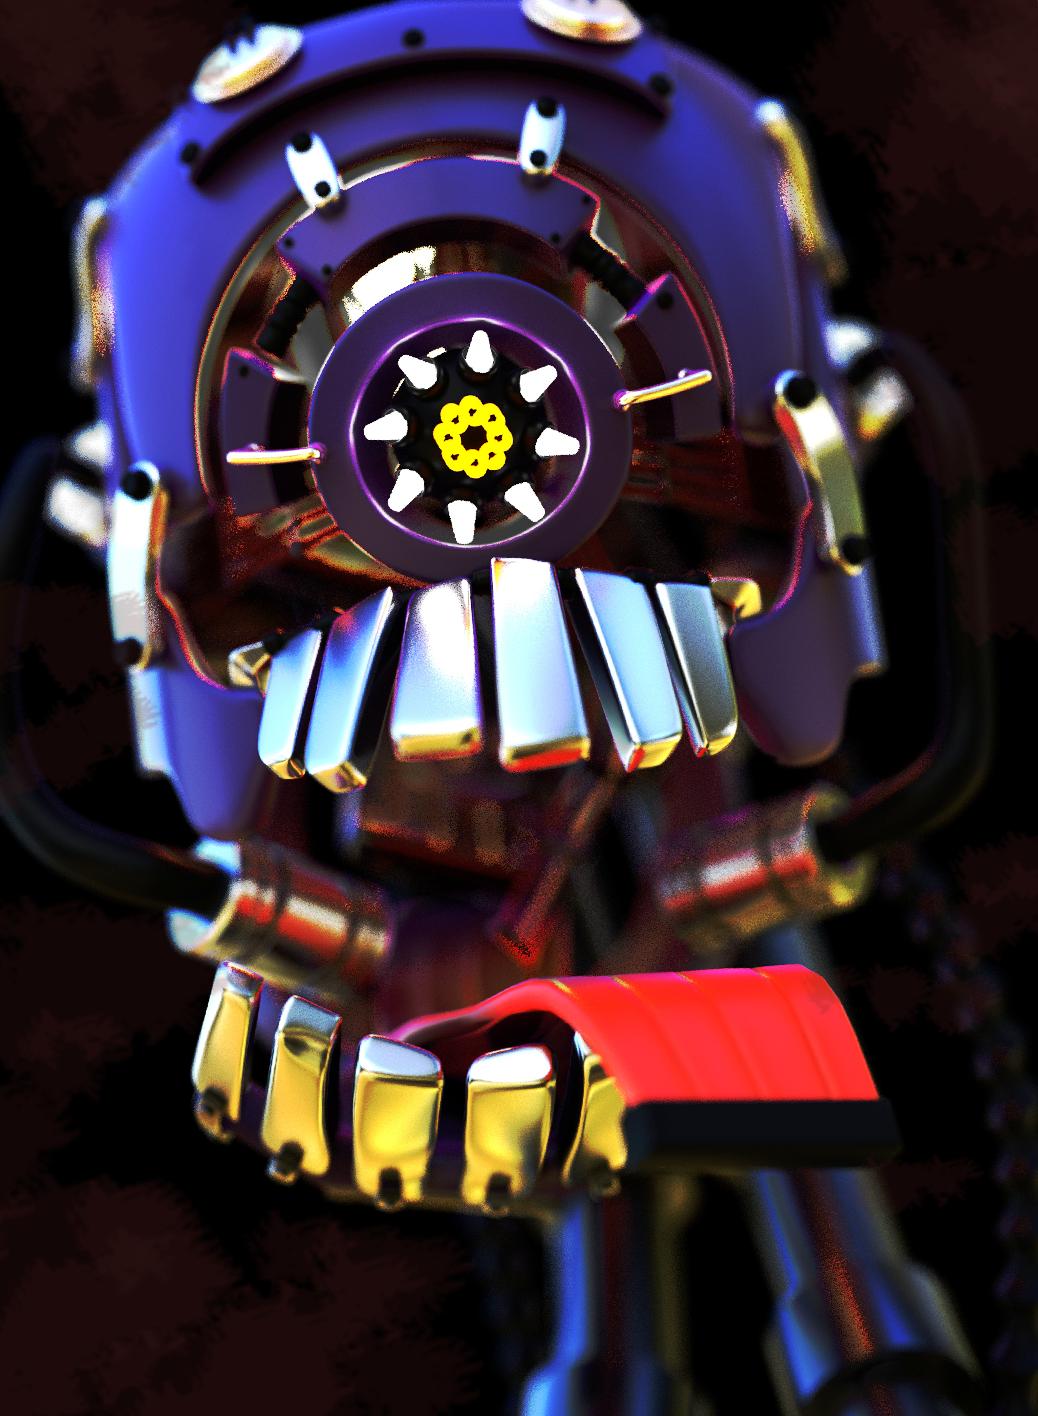 BLAH-BOT RobotDay 2018